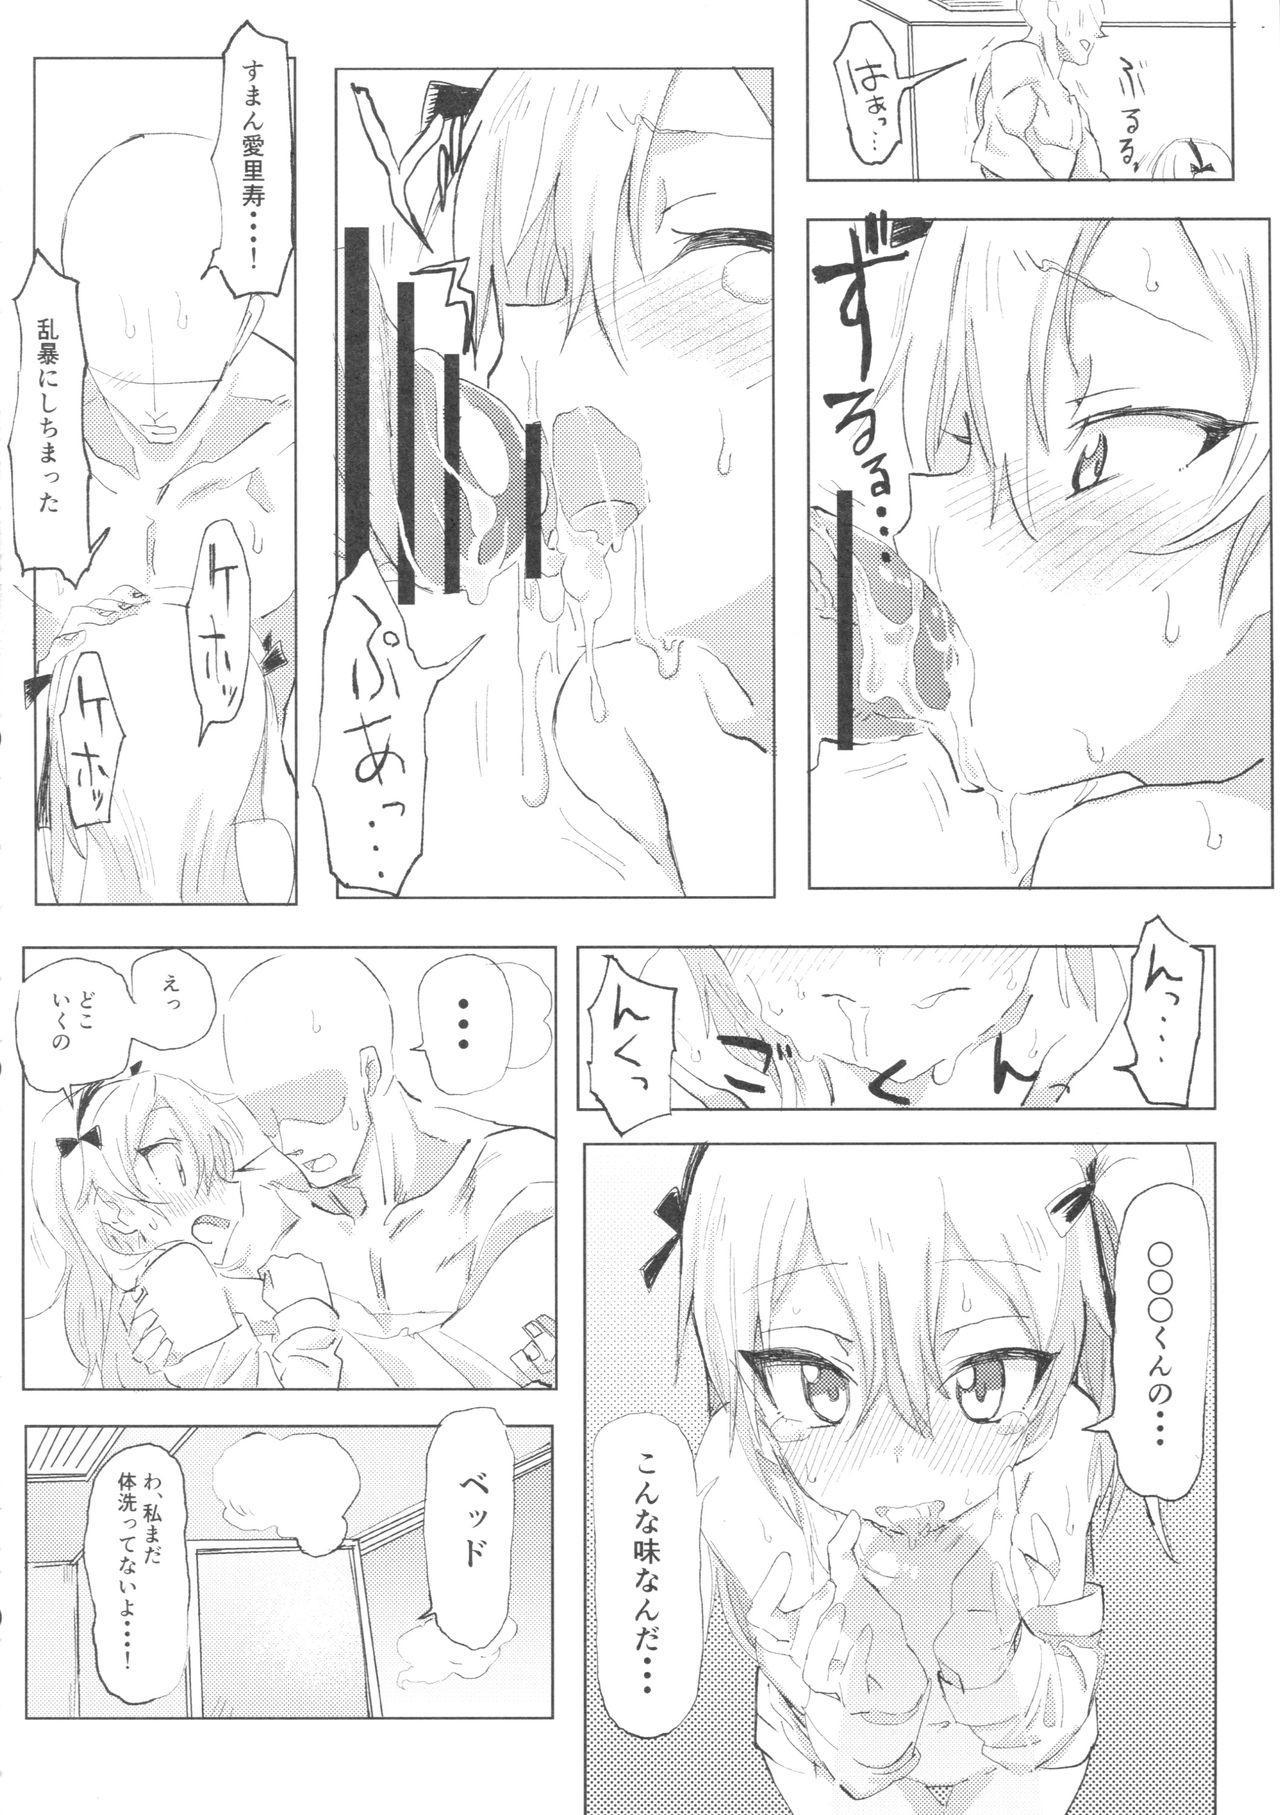 Shimada Arisu to Tappuri Amaama Ichaicha Love love Shite Chottodake Sex suru Atsui Hon 26